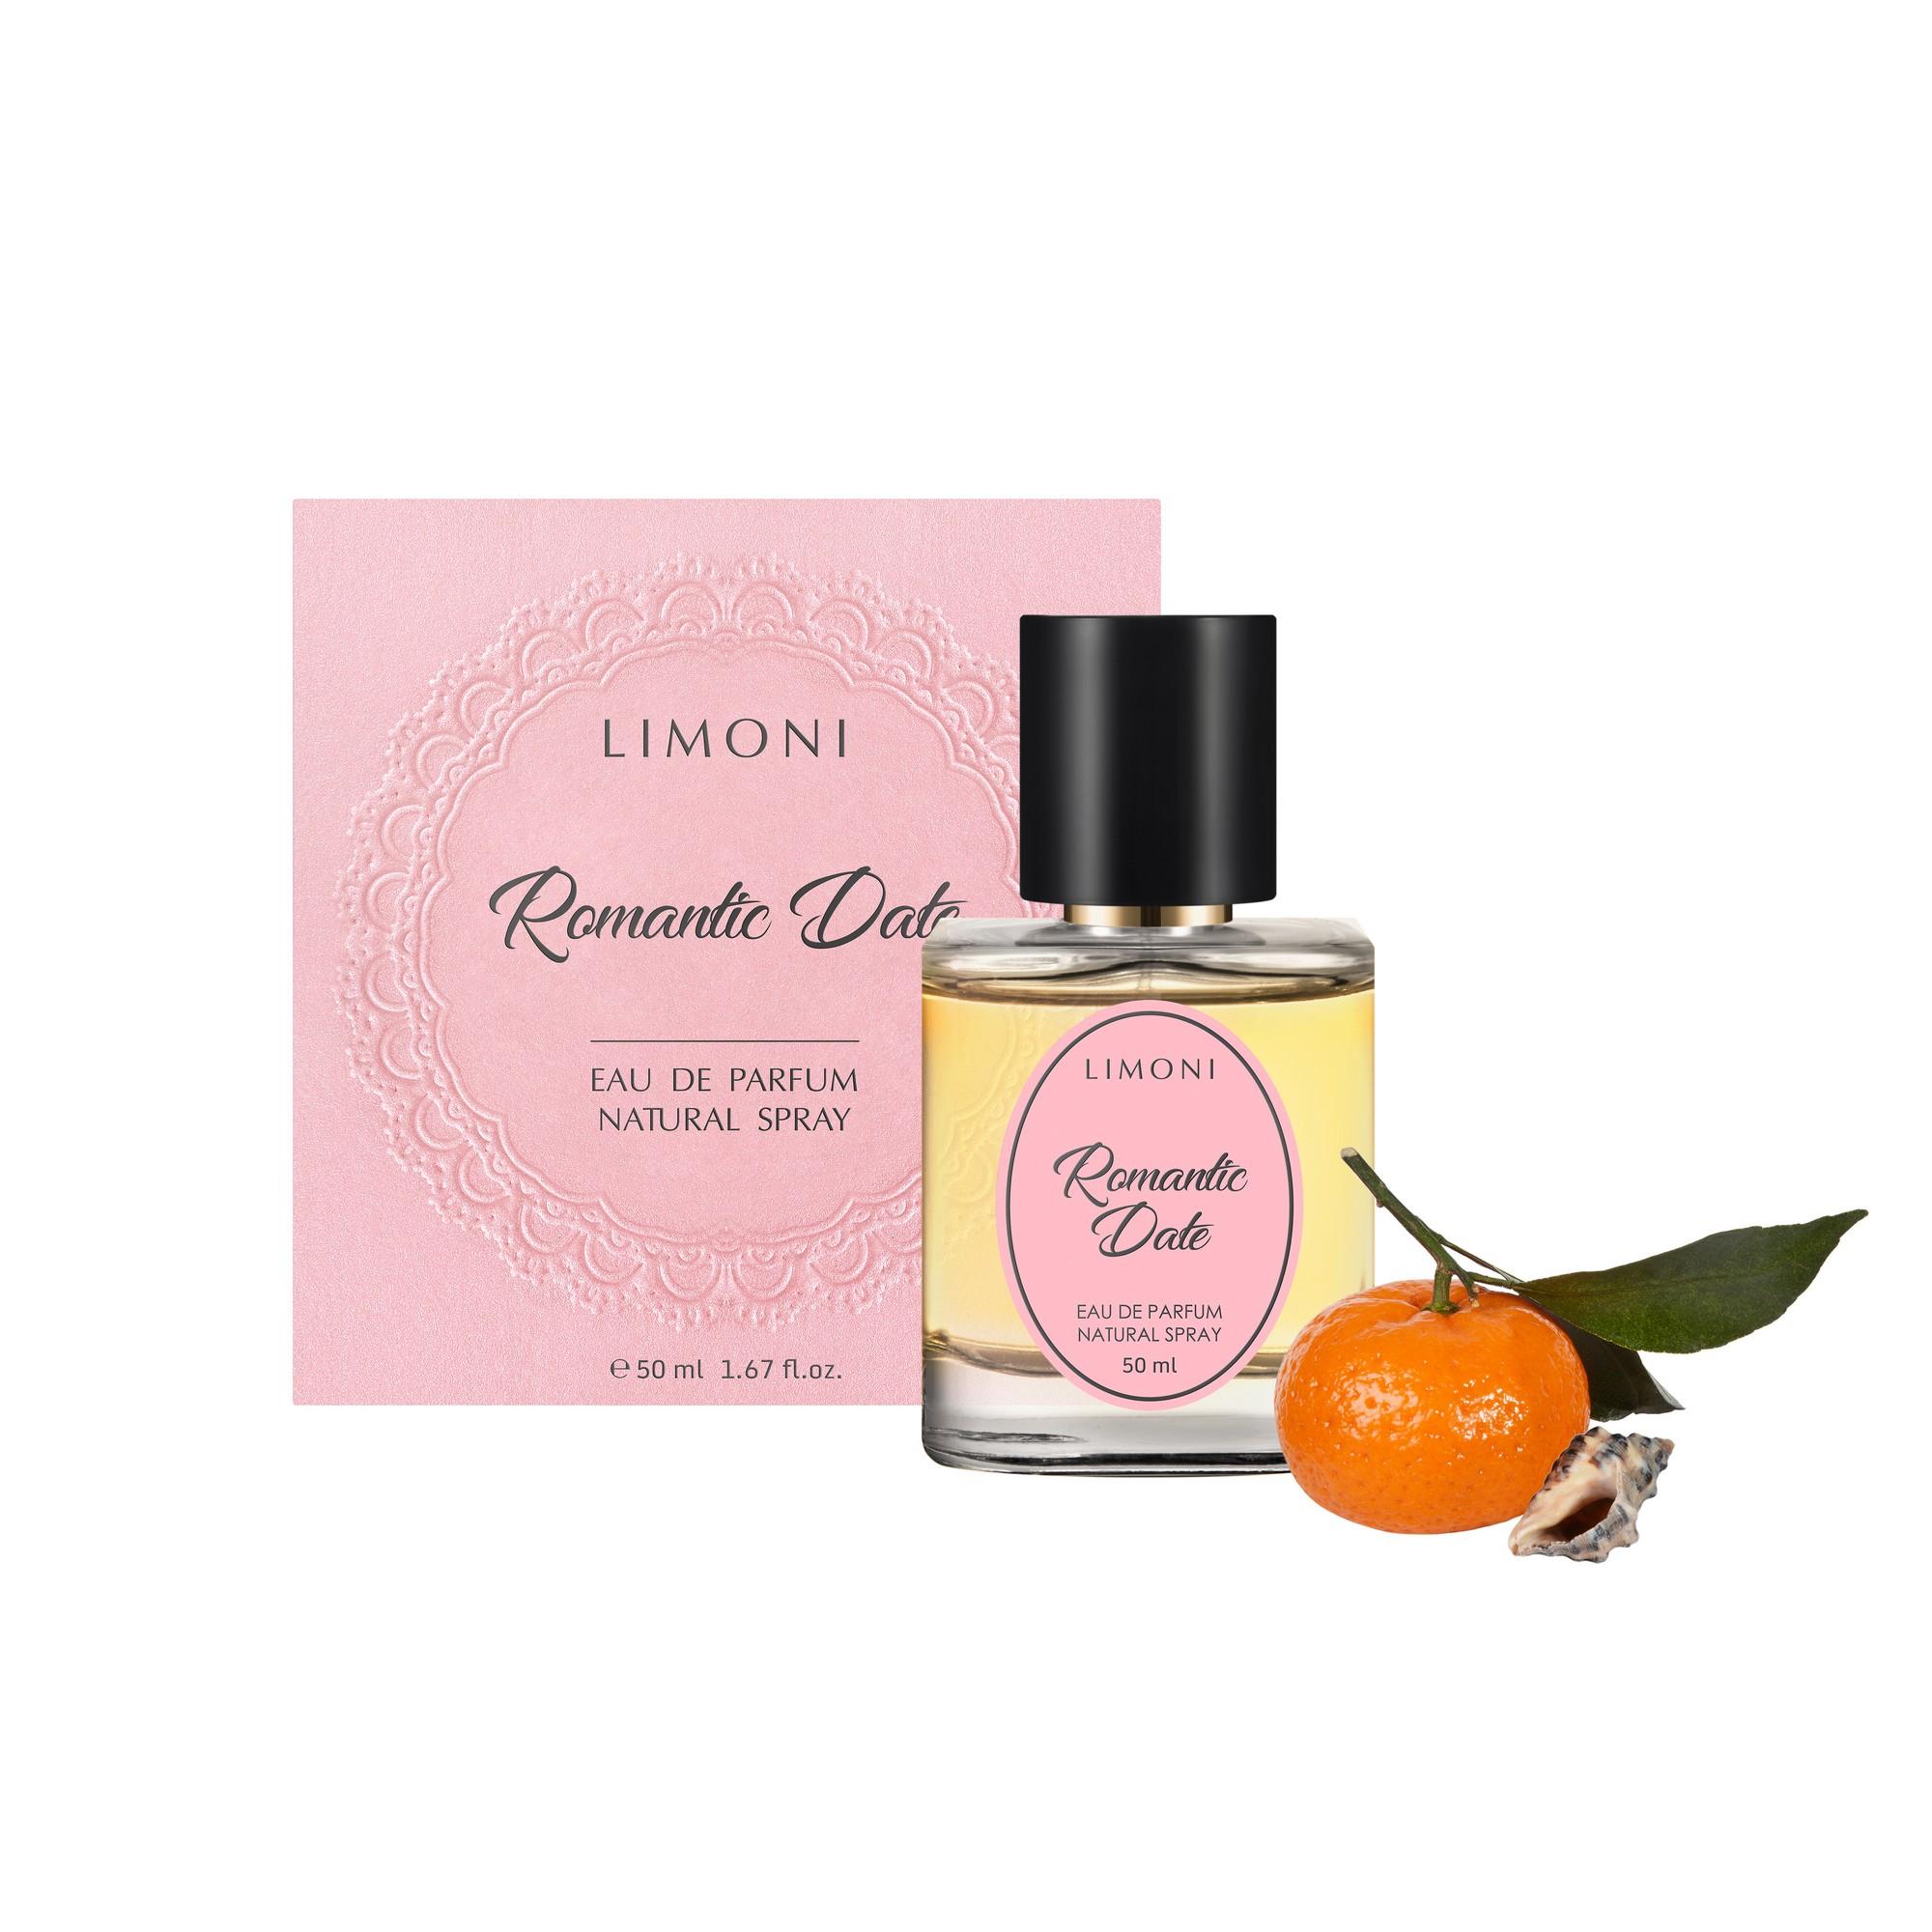 LIMONI Вода парфюмерная / Romantic Date Eau de Parfum 50 мл